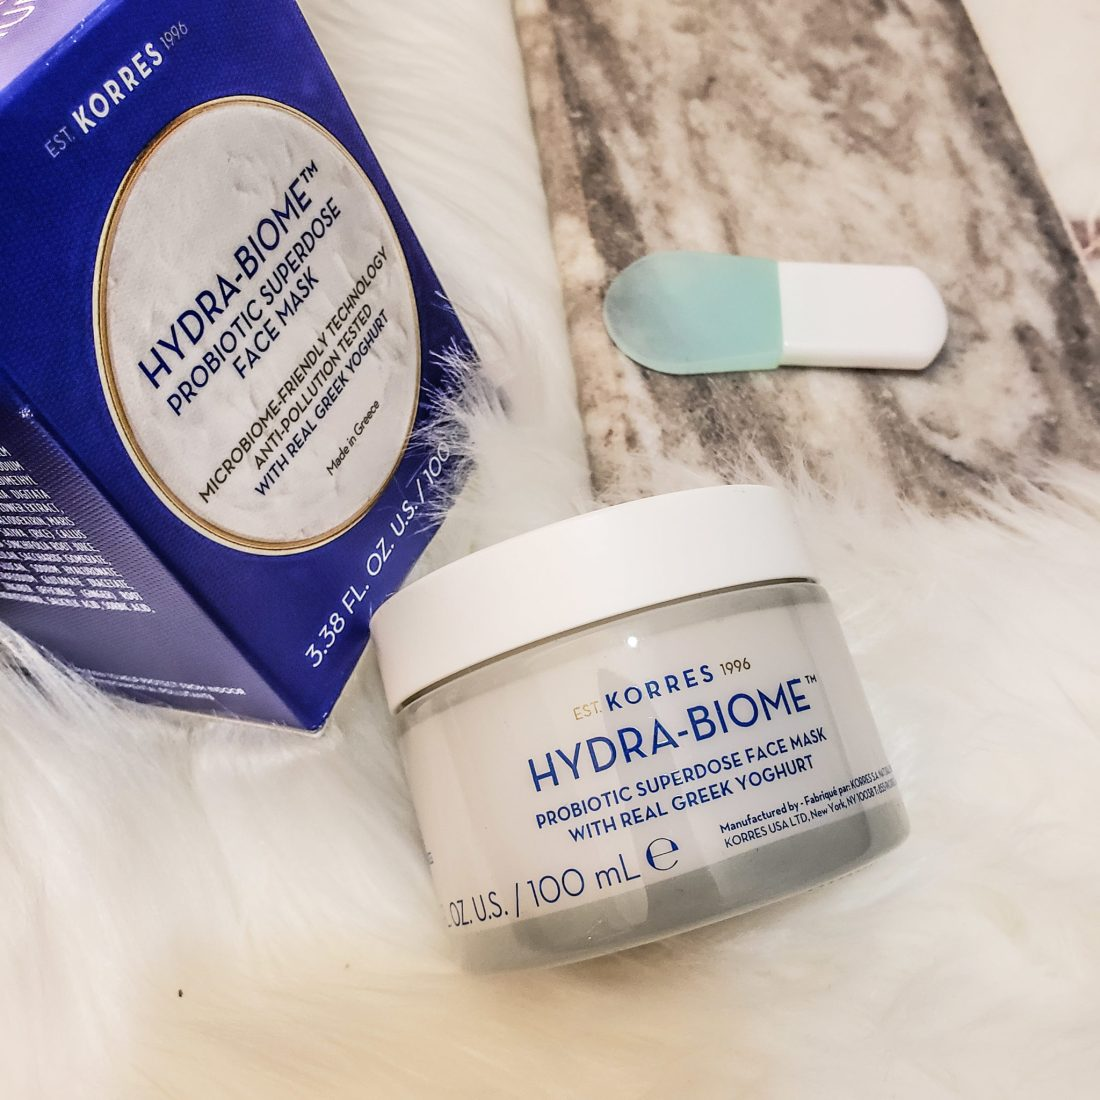 Skincare - Shopper's Drug Mart - KORRES Hydra-Biome Probiotic Superdose Face Mask